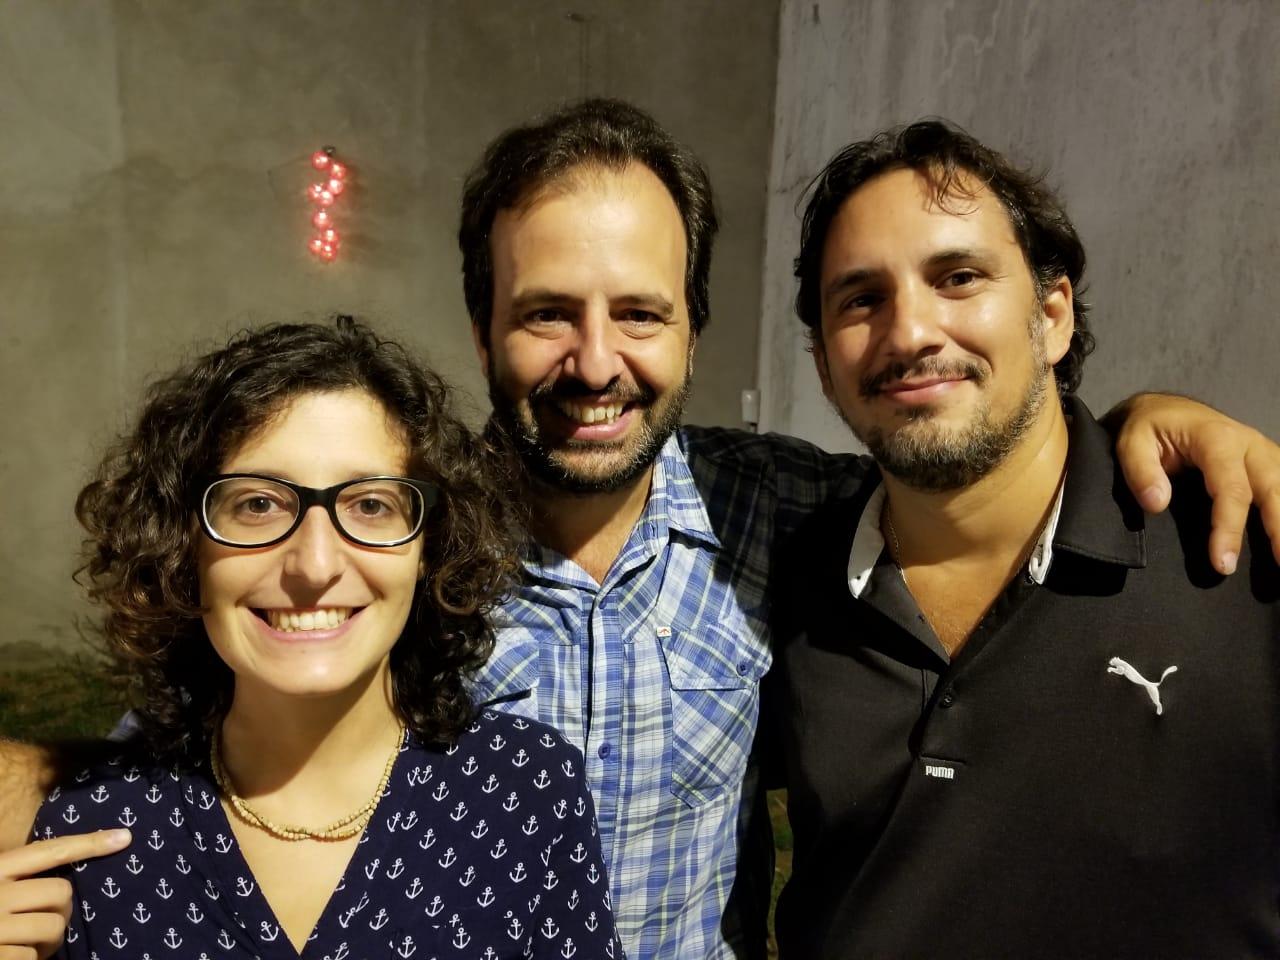 Cintia, Jorge y Pablo - Infoviajera